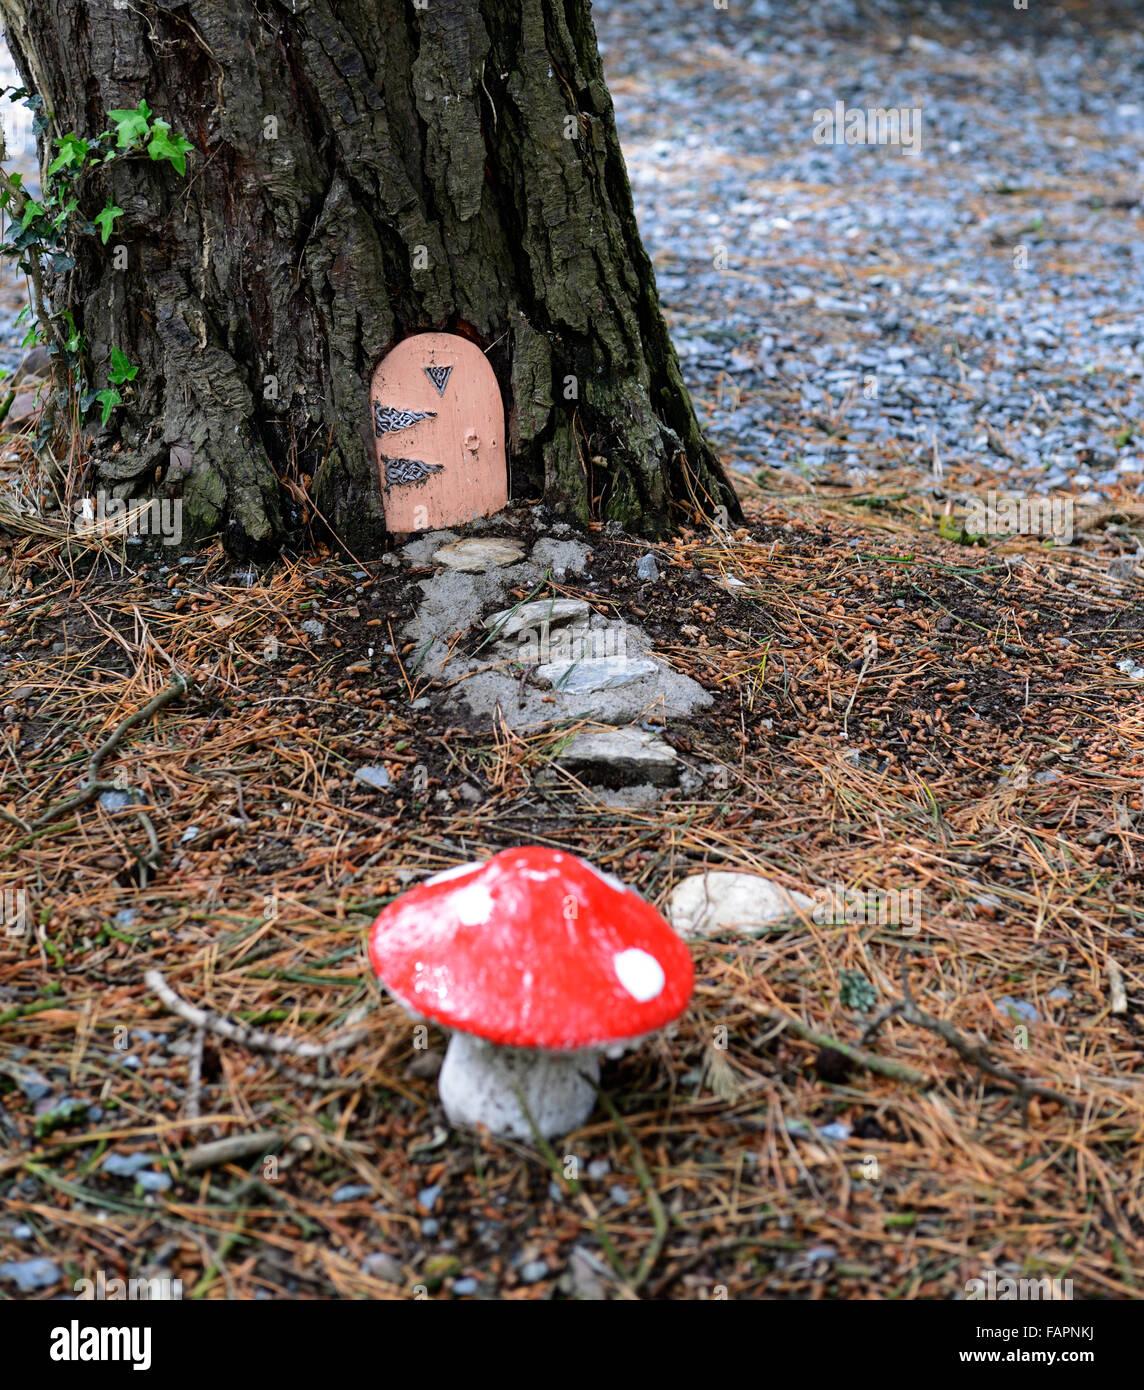 Fee Tür Haus Baum Basis Garten Dekoration Dekorieren Miniatur Zwerg Spaß Im  Freien Phantasie Rote Fliegenpilz RM Floral Glauben Machen